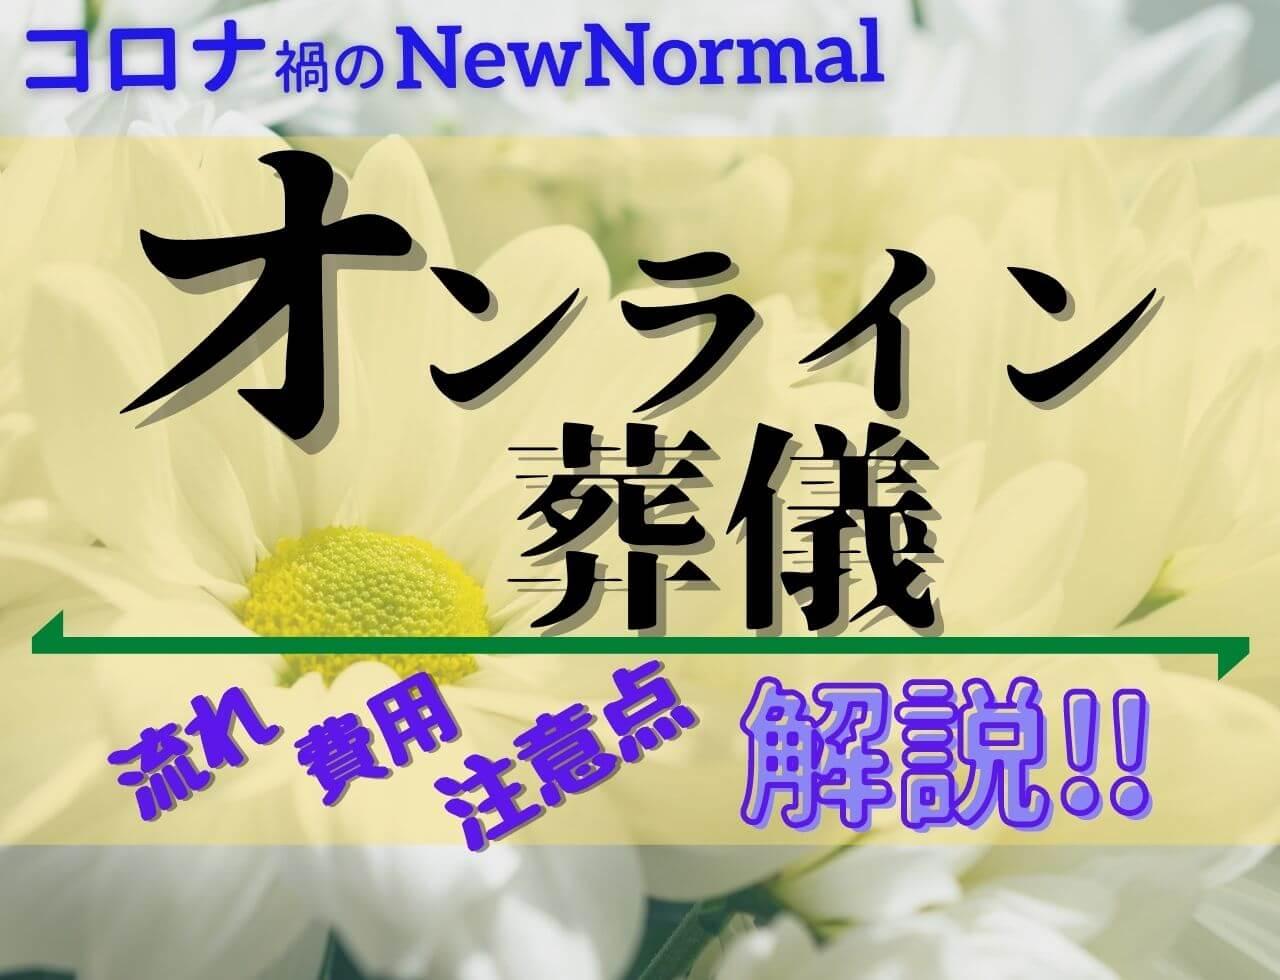 コロナ禍のNewNormal『オンライン葬儀』の流れと注意点を解説!